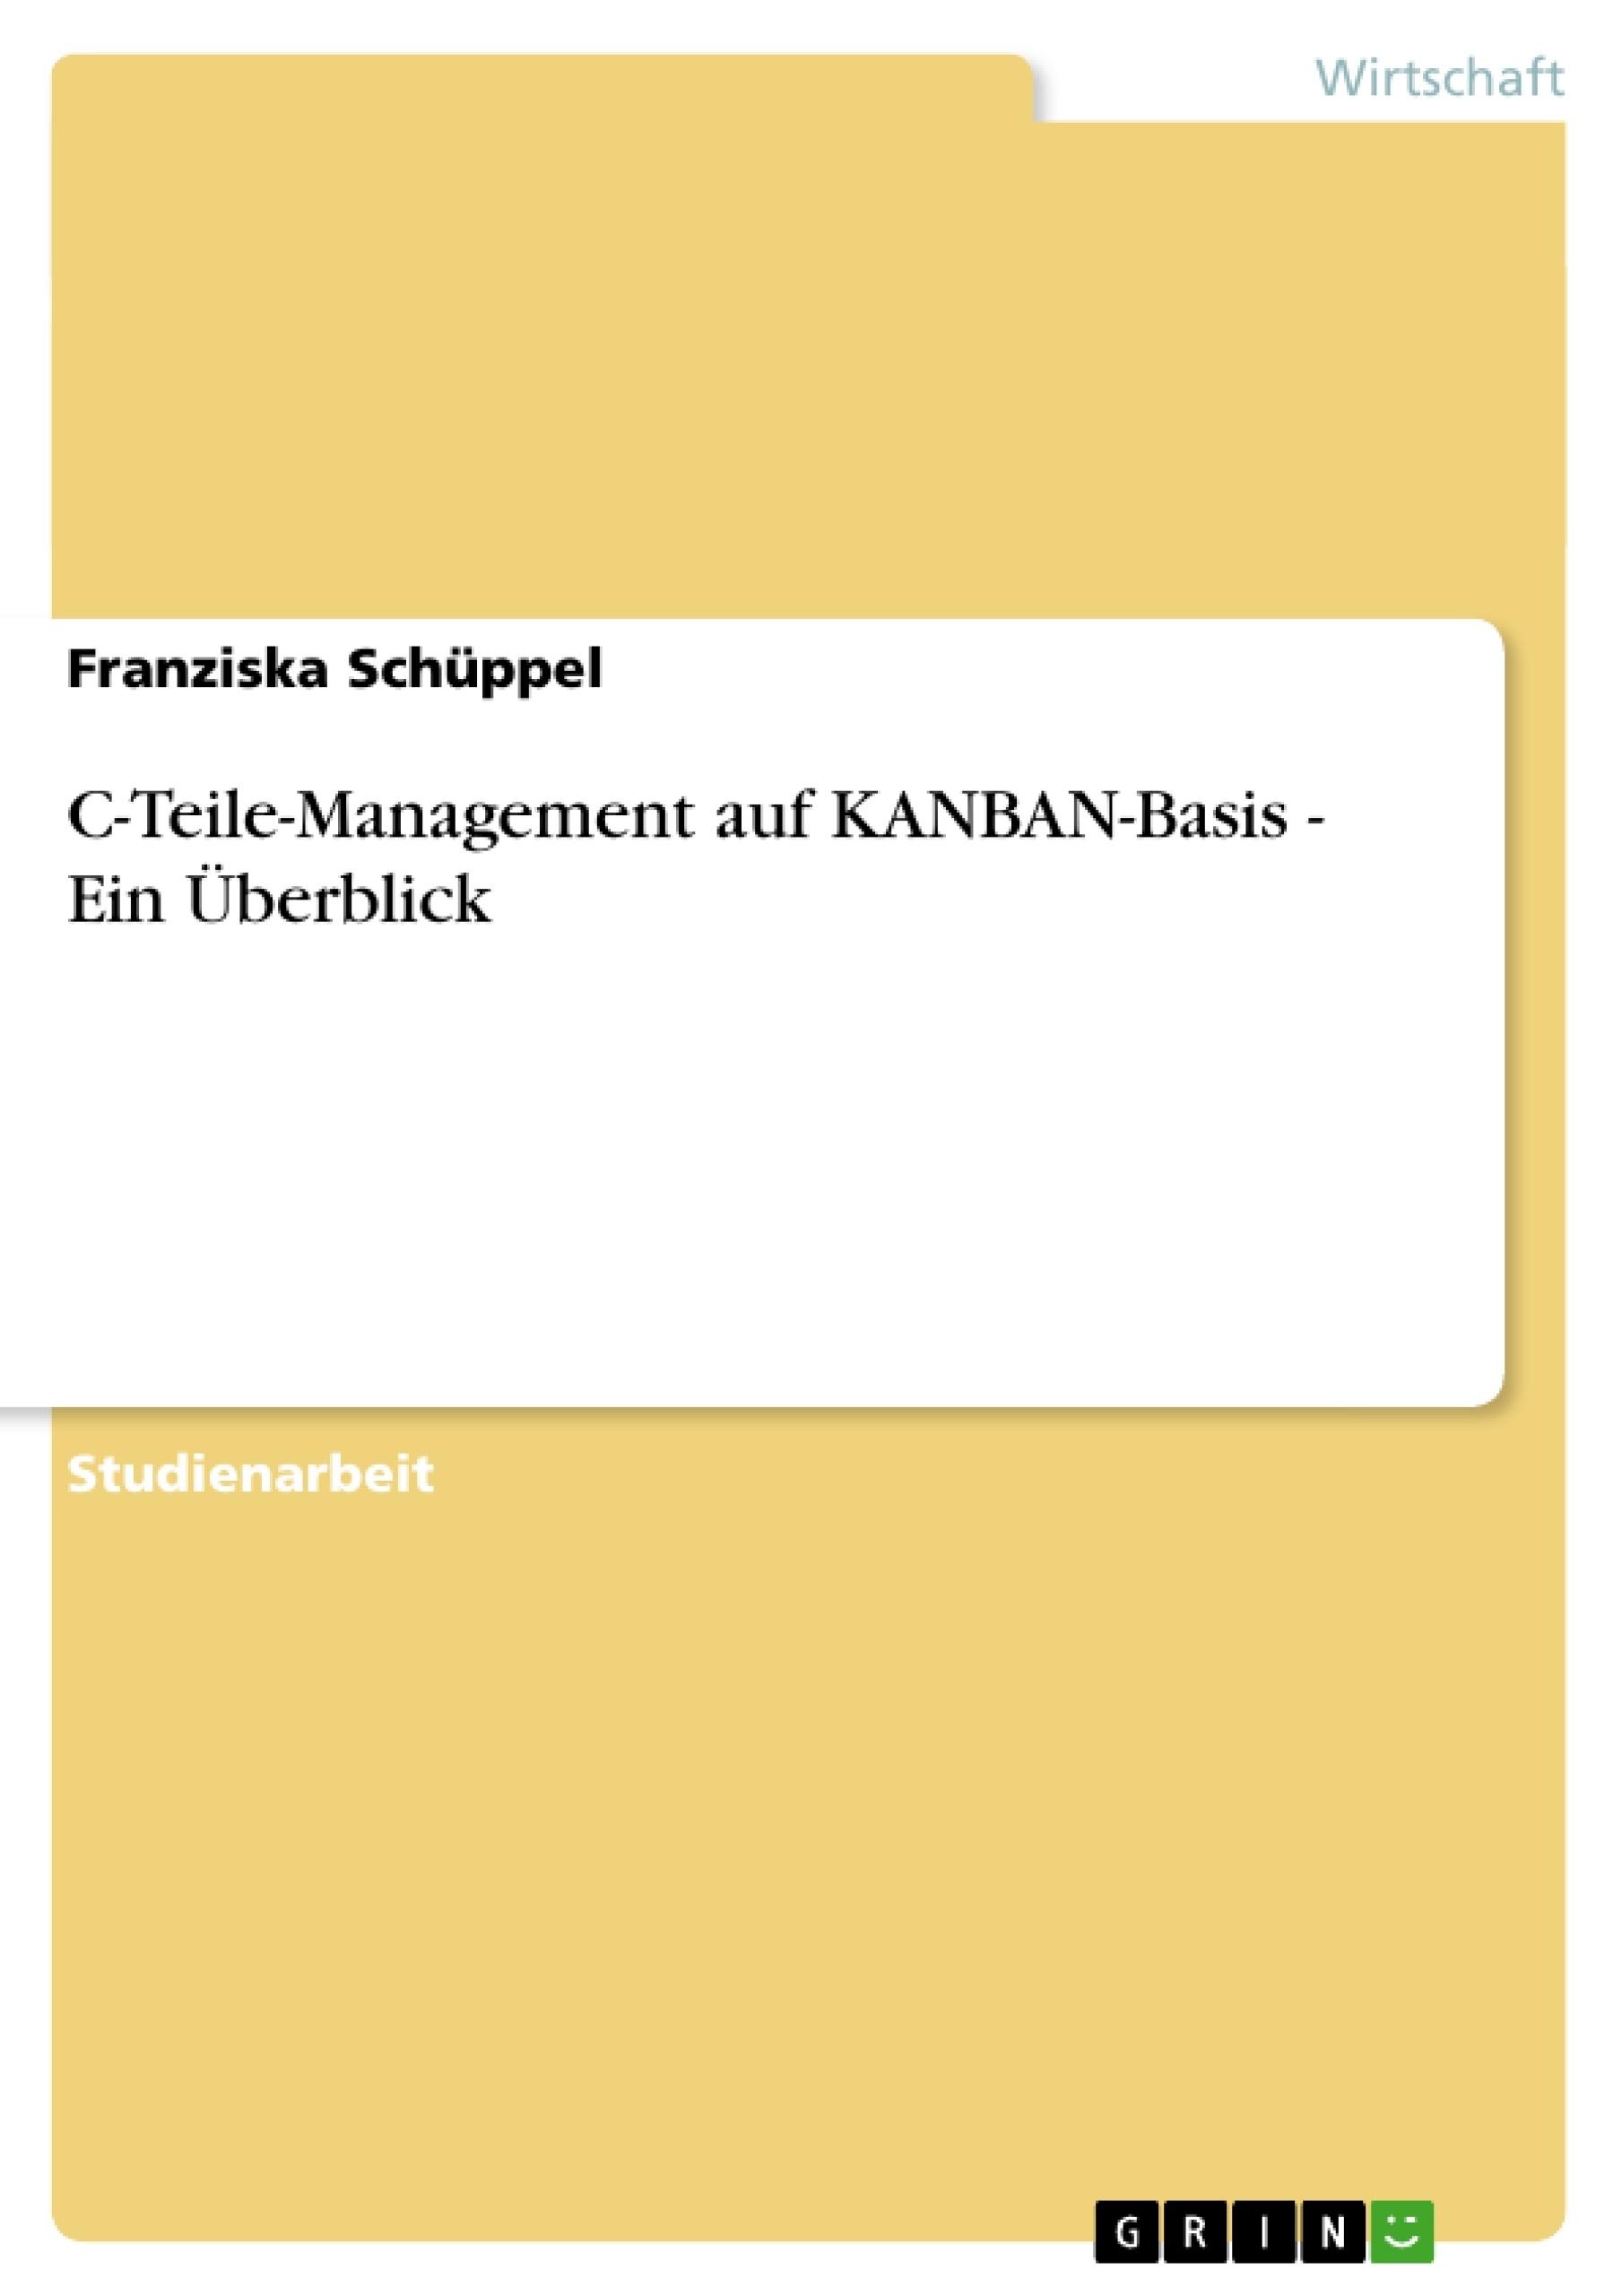 Titel: C-Teile-Management auf KANBAN-Basis - Ein Überblick